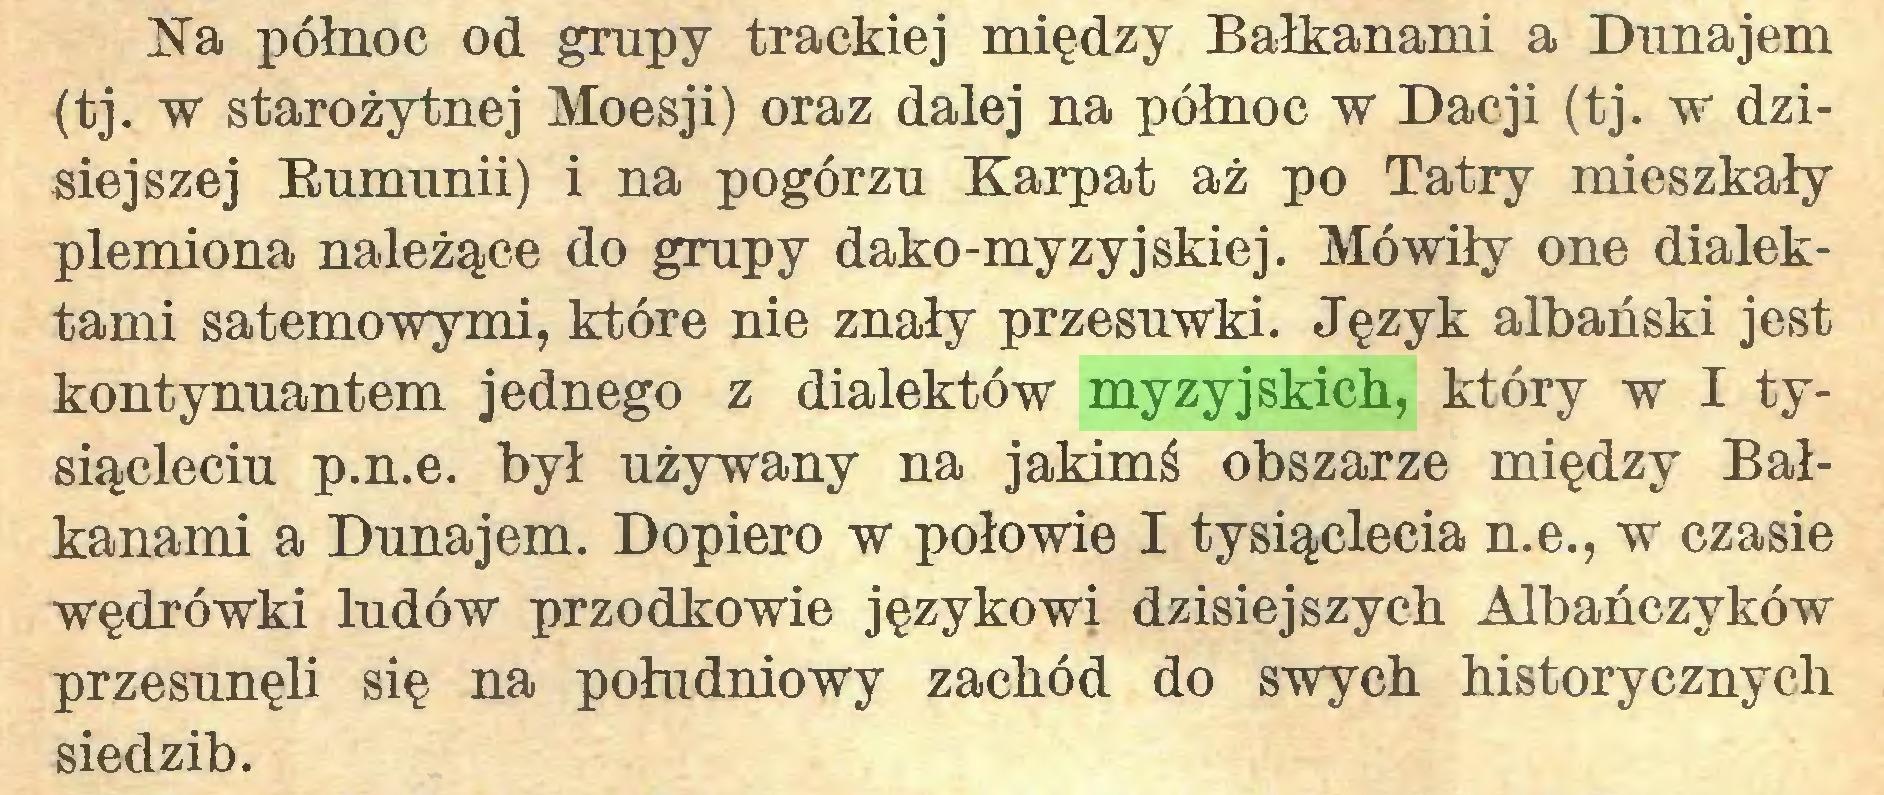 (...) Na północ od grupy trackiej między Bałkanami a Dunajem (tj. w starożytnej Moesji) oraz dalej na północ w Dacji (tj. w dzisiejszej Bumunii) i na pogórzu Karpat aż po Tatry mieszkały plemiona należące do grupy dako-myzyjskiej. Mówiły one dialektami satemowymi, które nie znały przesuwki. Język albański jest kontynuantem jednego z dialektów myzyjskich, który w I tysiącleciu p.n.e. był używany na jakimś obszarze między Bałkanami a Dunajem. Dopiero w połowie I tysiąclecia n.e., w czasie wędrówki ludów przodkowie językowi dzisiejszych Albańczyków przesunęli się na południowy zachód do swych historycznych siedzib...